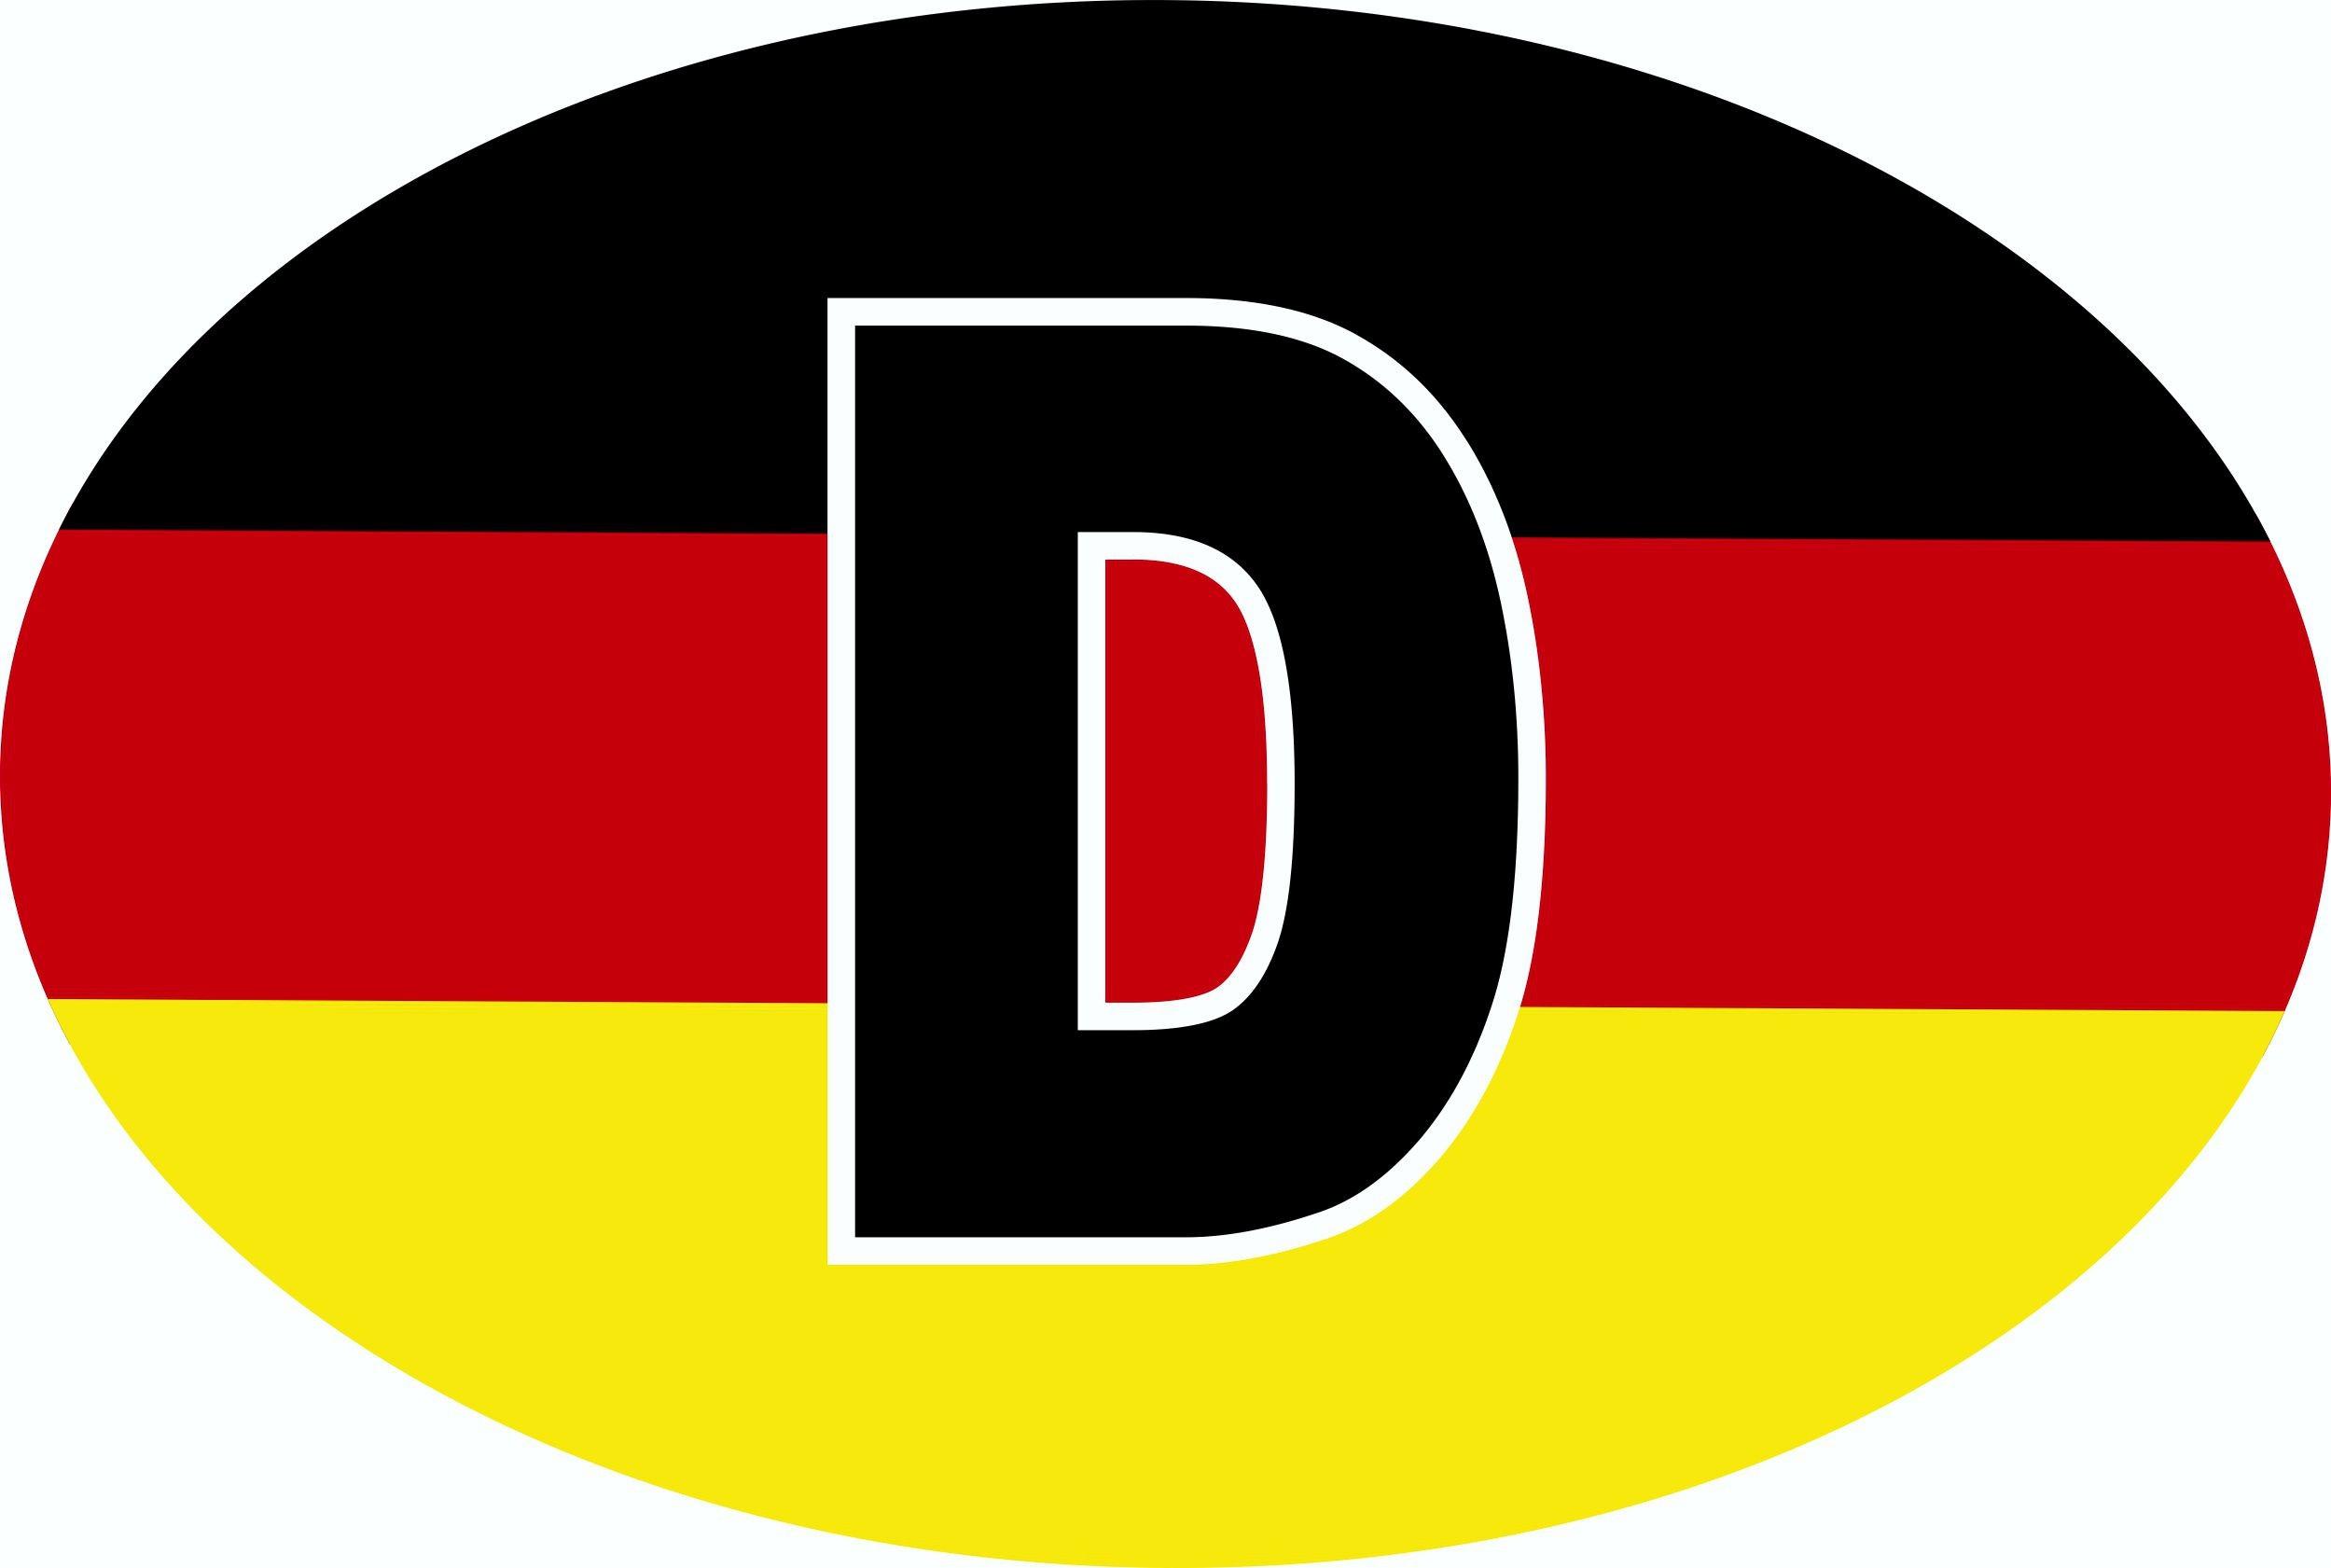 Aufkleber Deutschland-Flagge 125 x 85 mm Deutschland Fanartikel Olympia – Bild 1